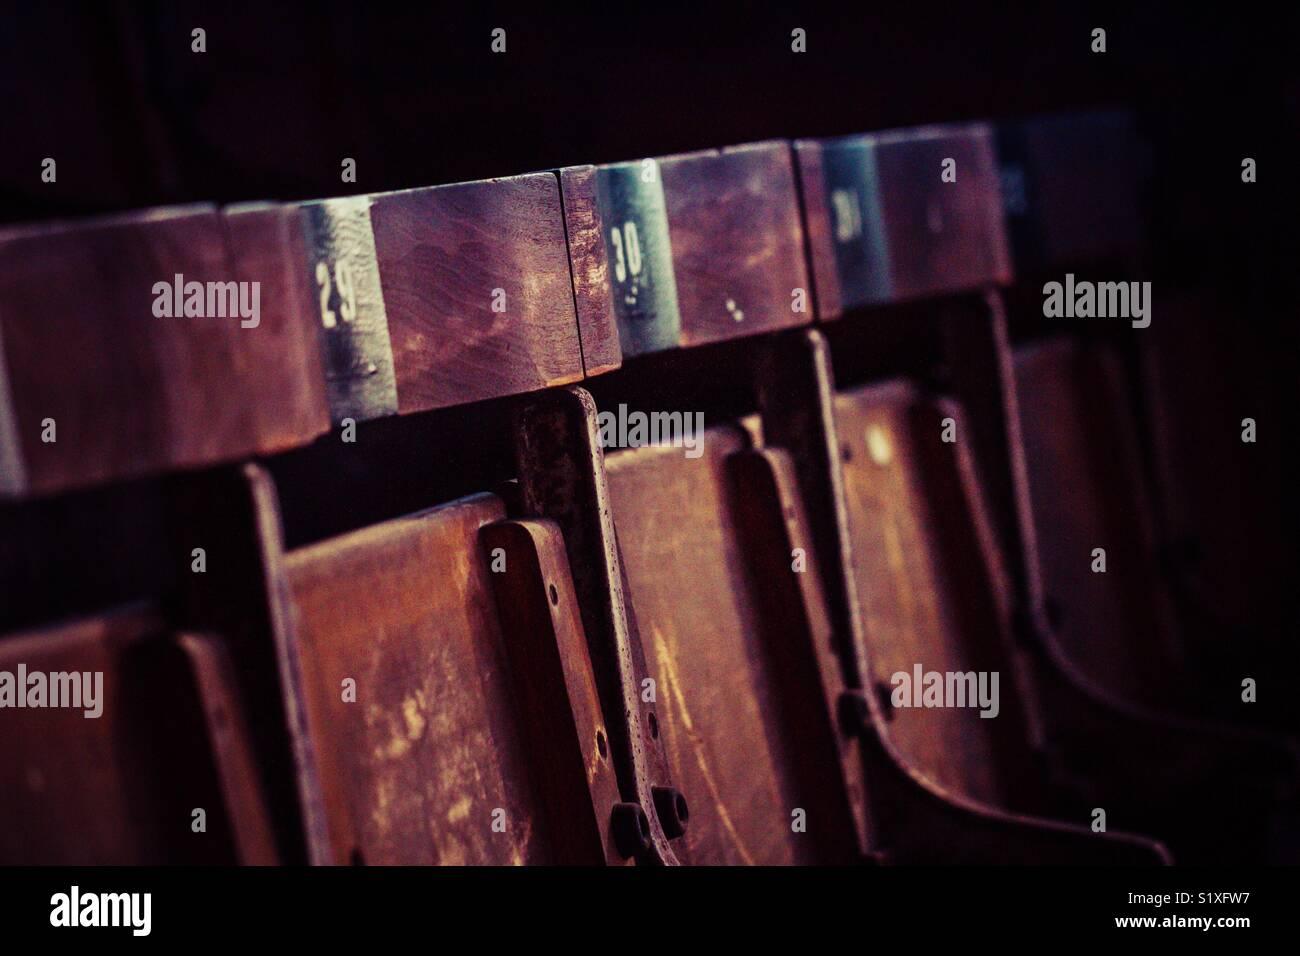 Una fila di dischi posti a sedere in legno con numeri in corrispondenza di un vuoto allo stadio di calcio di notte Immagini Stock